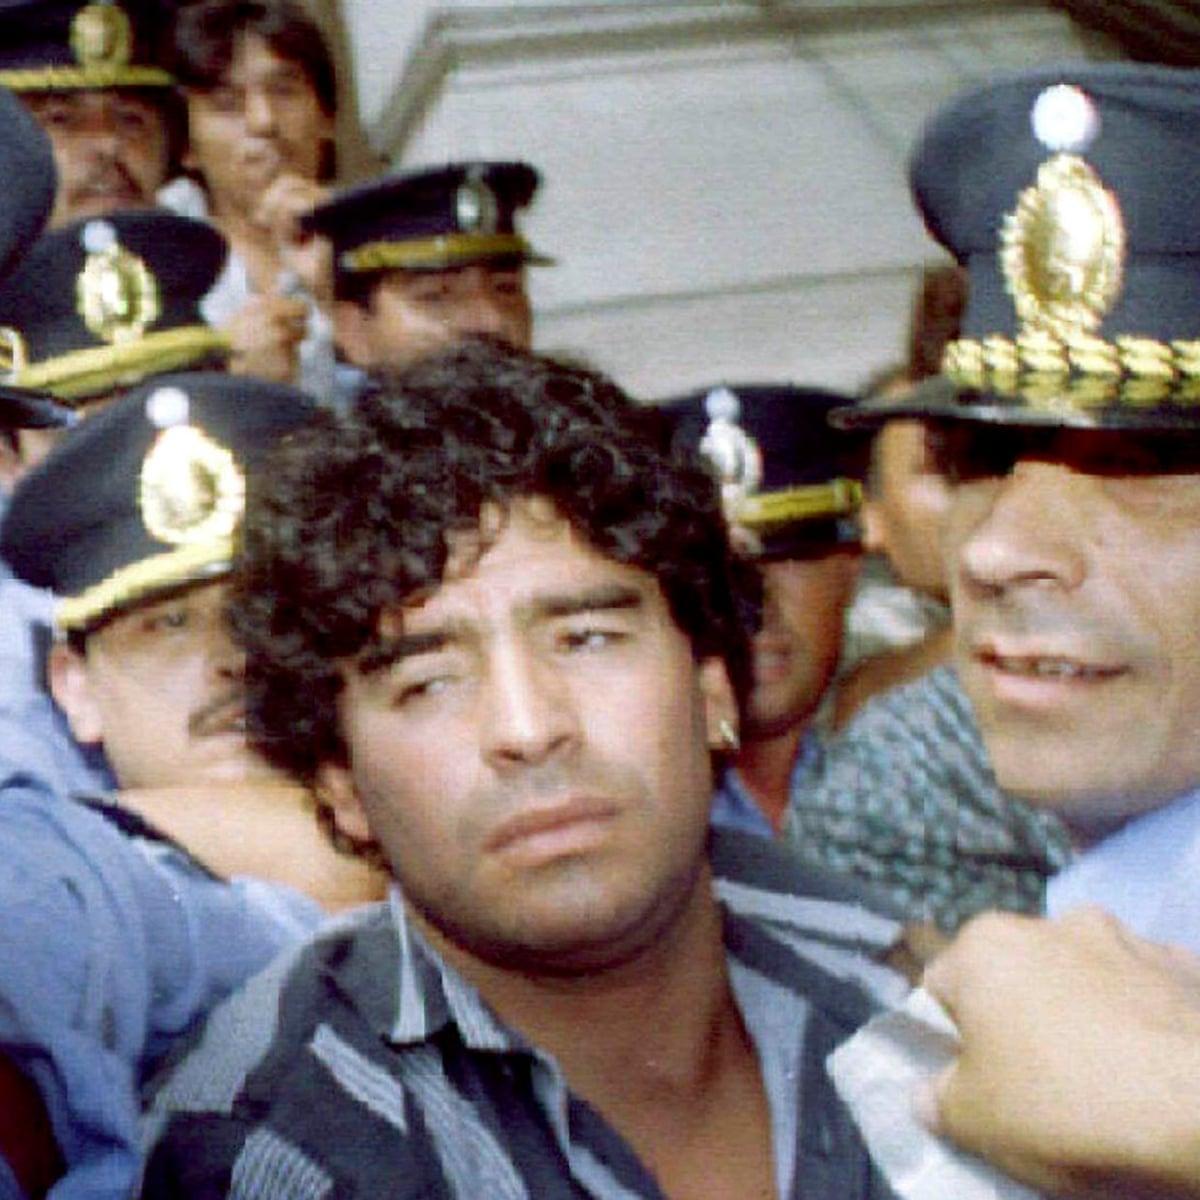 Tottenham S Mauricio Pochettino The Crazy Diego Maradona Who Inspires Me Football The Guardian